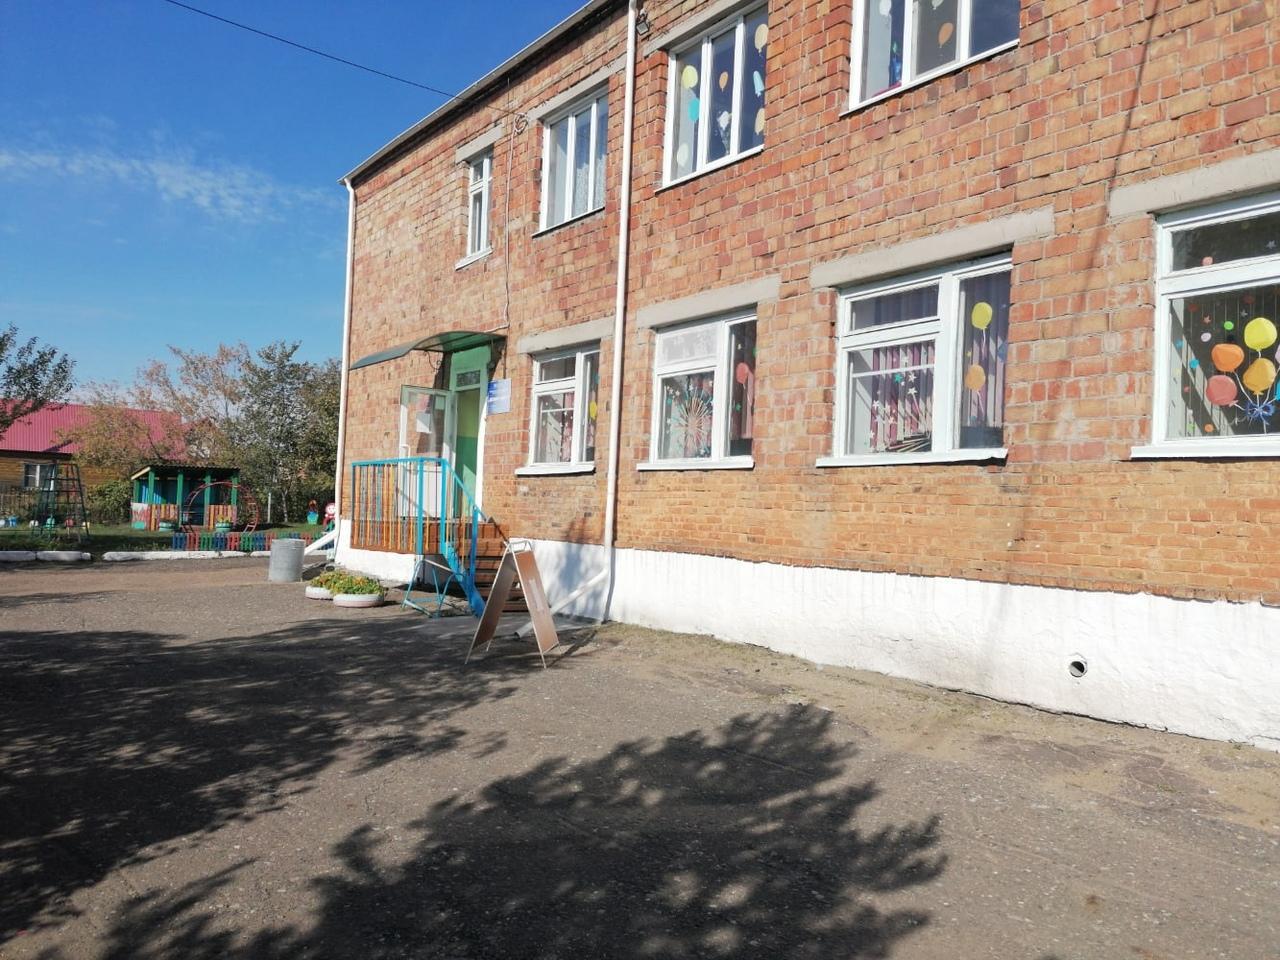 Омская прокуратура признала незаконным размещение избирательных участков в детсадах #Омск #Общество #Сегодня